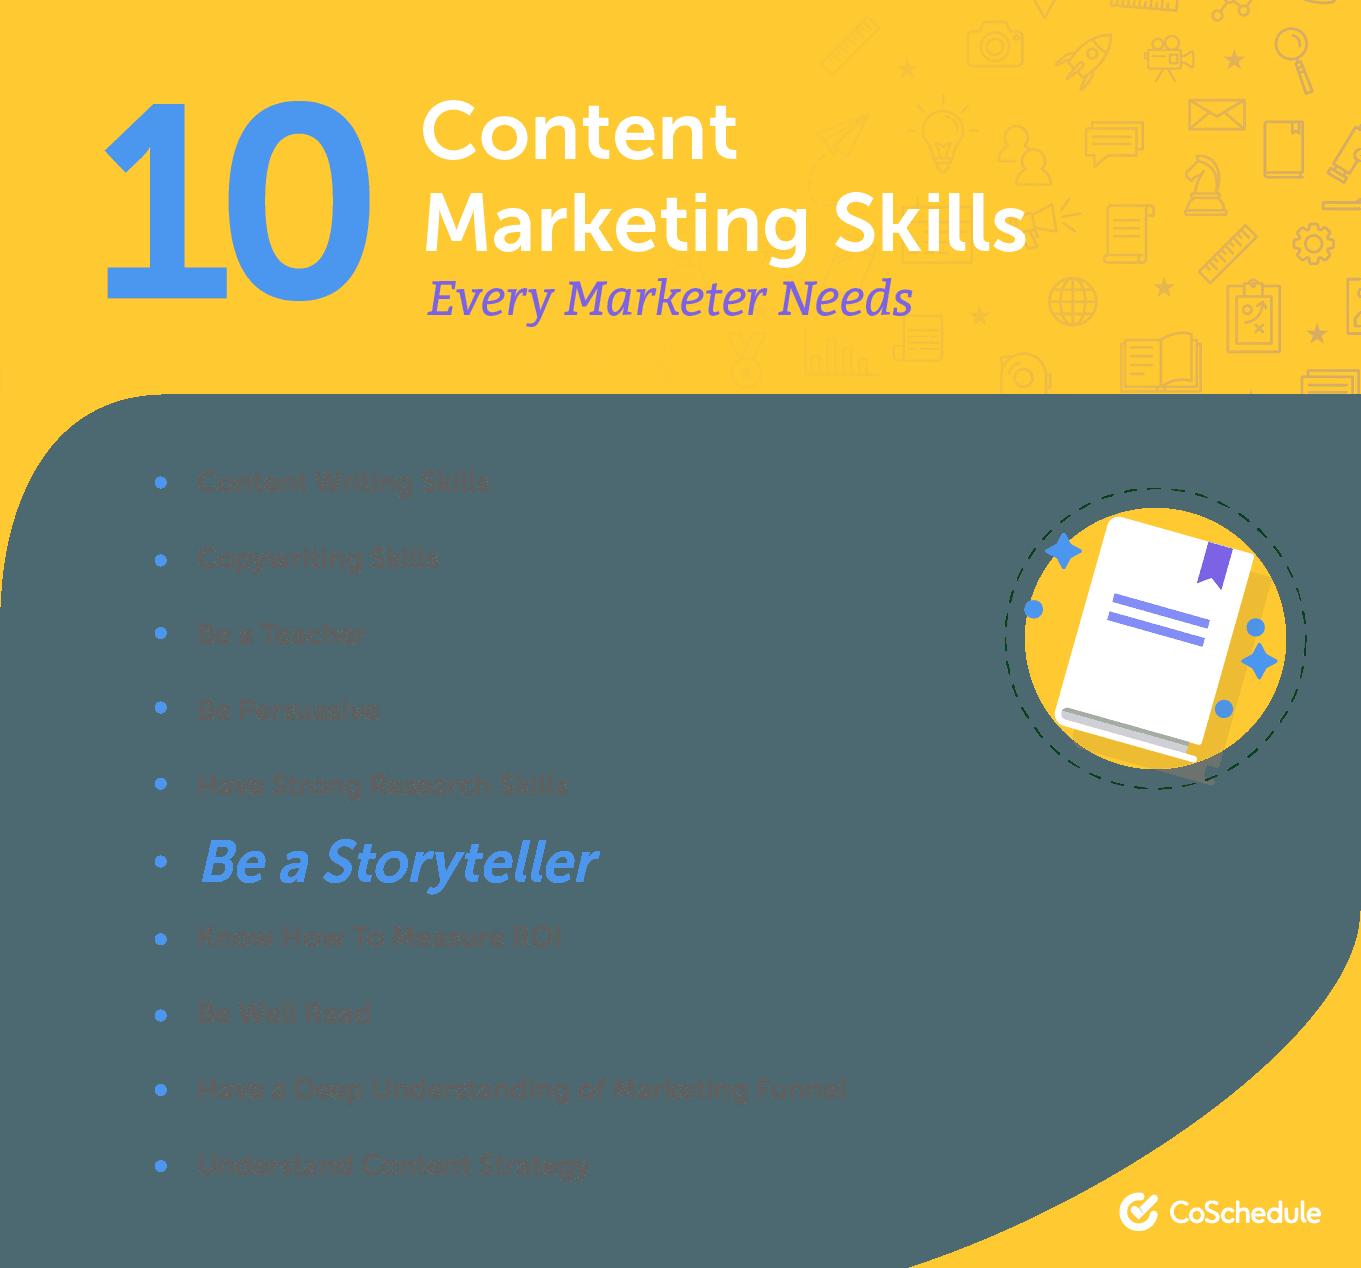 10 content marketing skills every marketer needs.